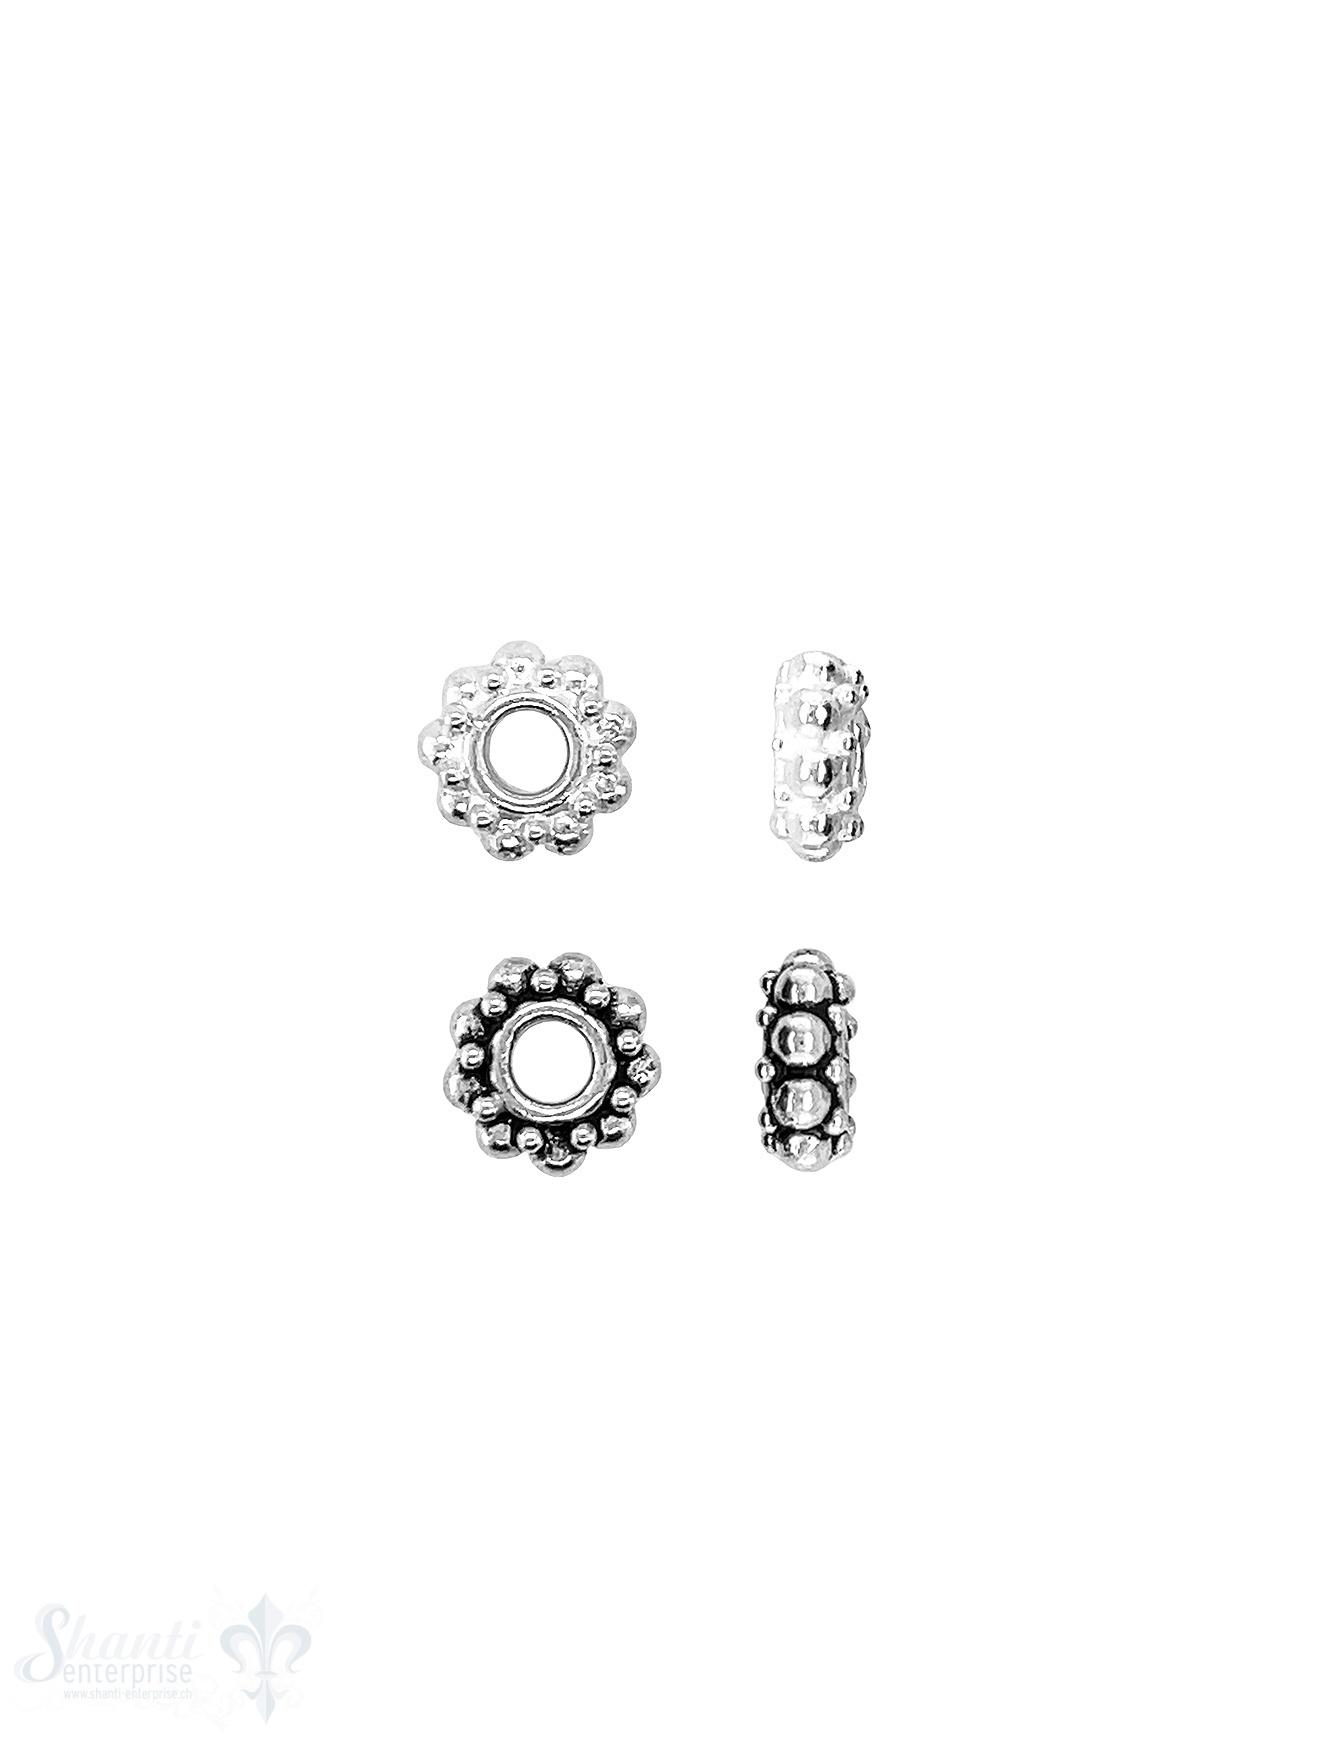 Blumen Element 9x4 mm Punkte klein und gross doppelreihig versetzt Silber ID 3.2 mm 1 Pack = 5 Stk. ca. 5 gr.